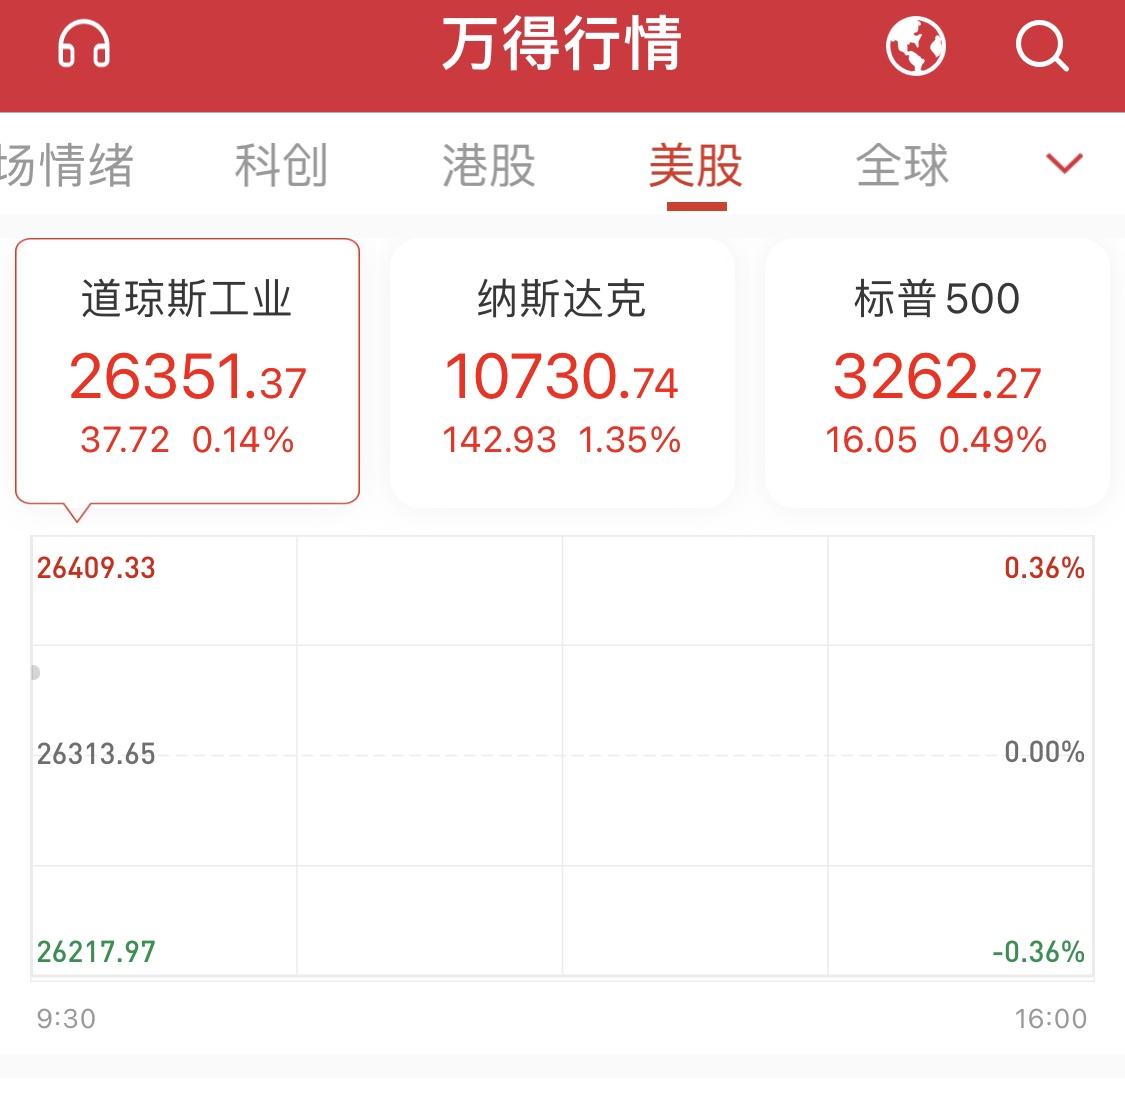 美股三大指数集体高开,苹果涨约7%!股价刷新历史新高